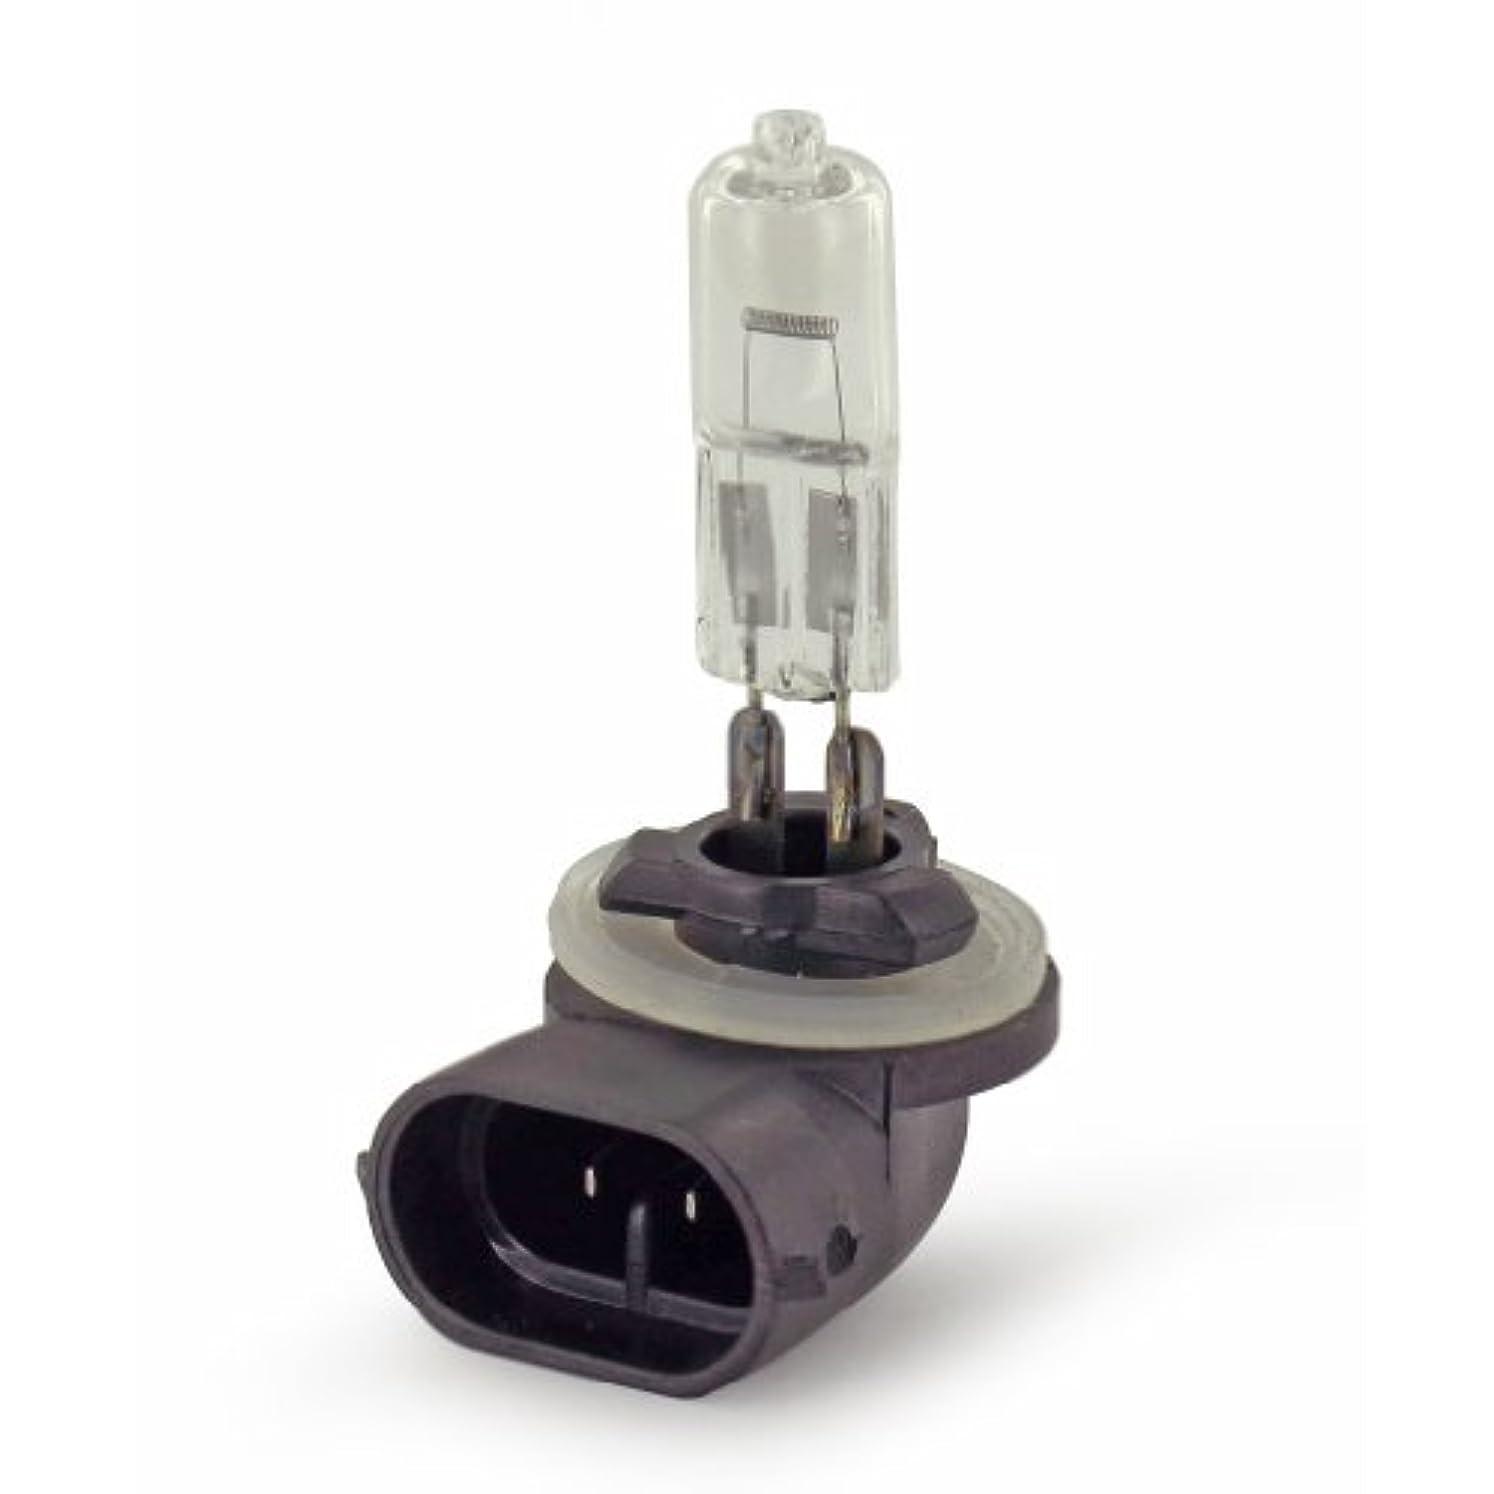 浜辺パニックシャーロットブロンテIntella 1062038 GE 894 Bulb, 12.8V, 38W by Intella Liftparts Inc.